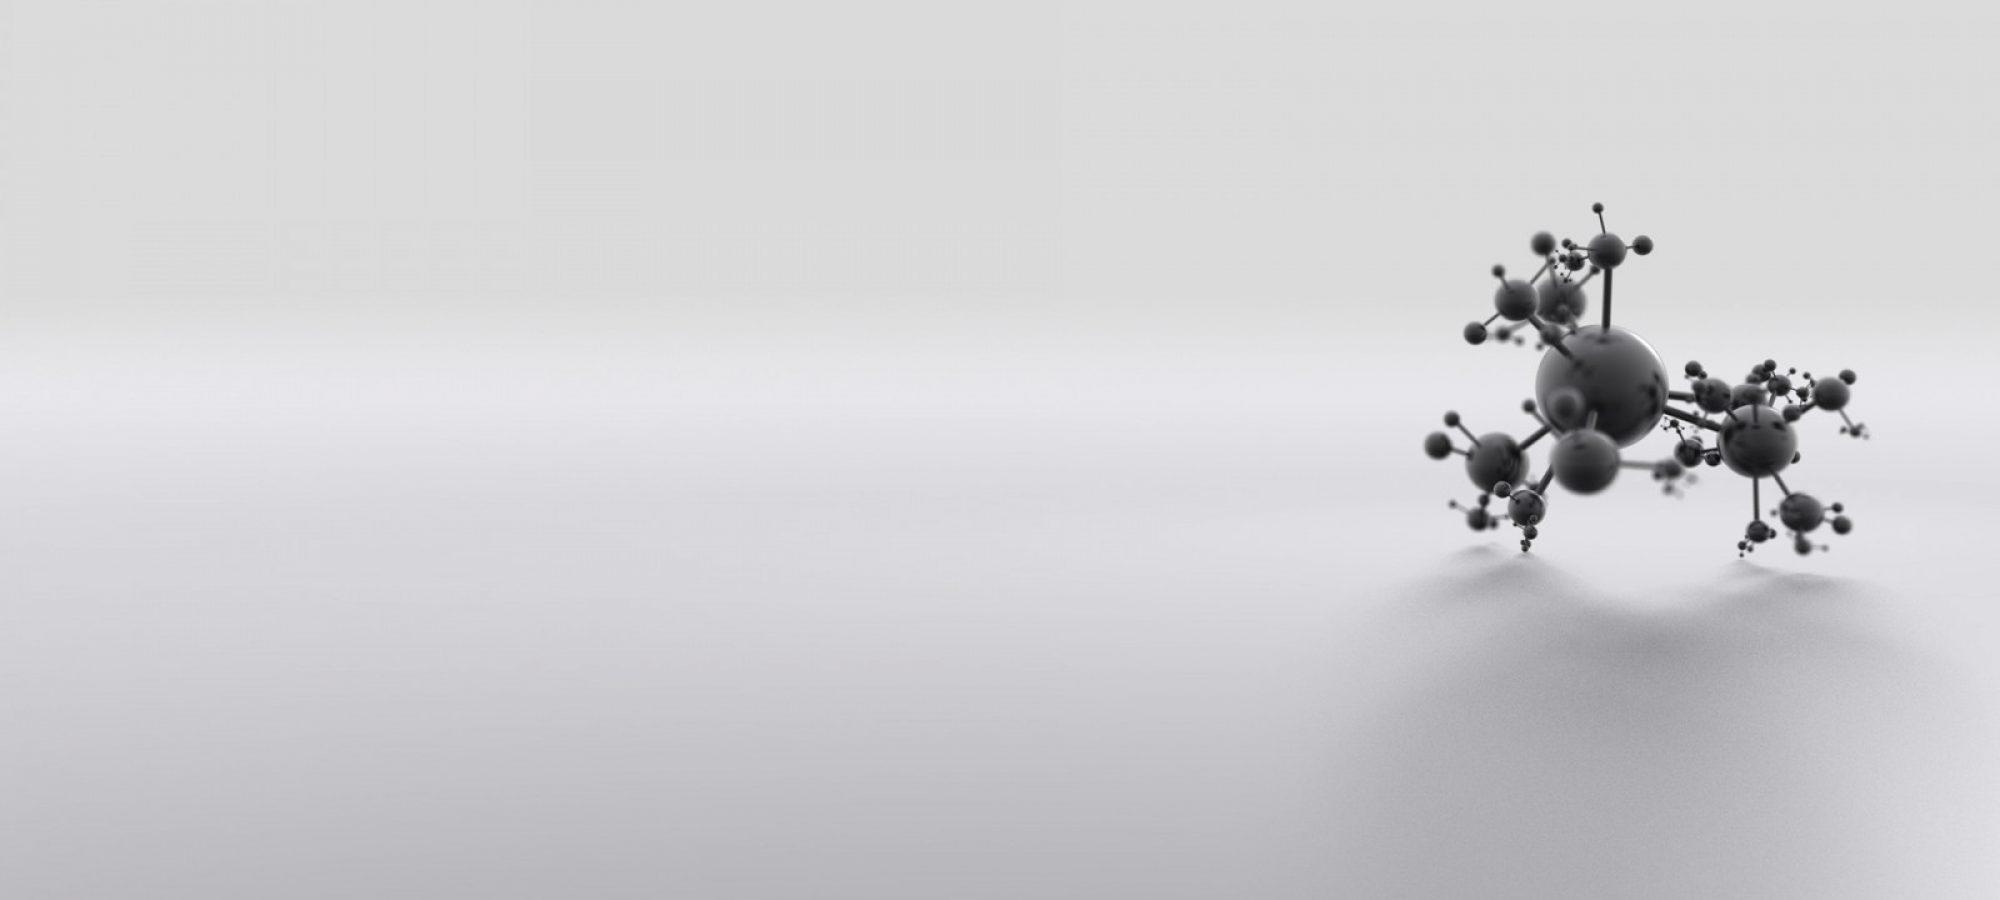 КОМУНАЛЬННИЙ ЗАКЛАД «ЗАГАЛЬНООСВІТНЯ ШКОЛА І-ІІІ СТУПЕНІВ № 4 ІМ. Д.І. МЕНДЕЛЄЄВА ВІННИЦЬКОЇ  МІСЬКОЇ РАДИ»